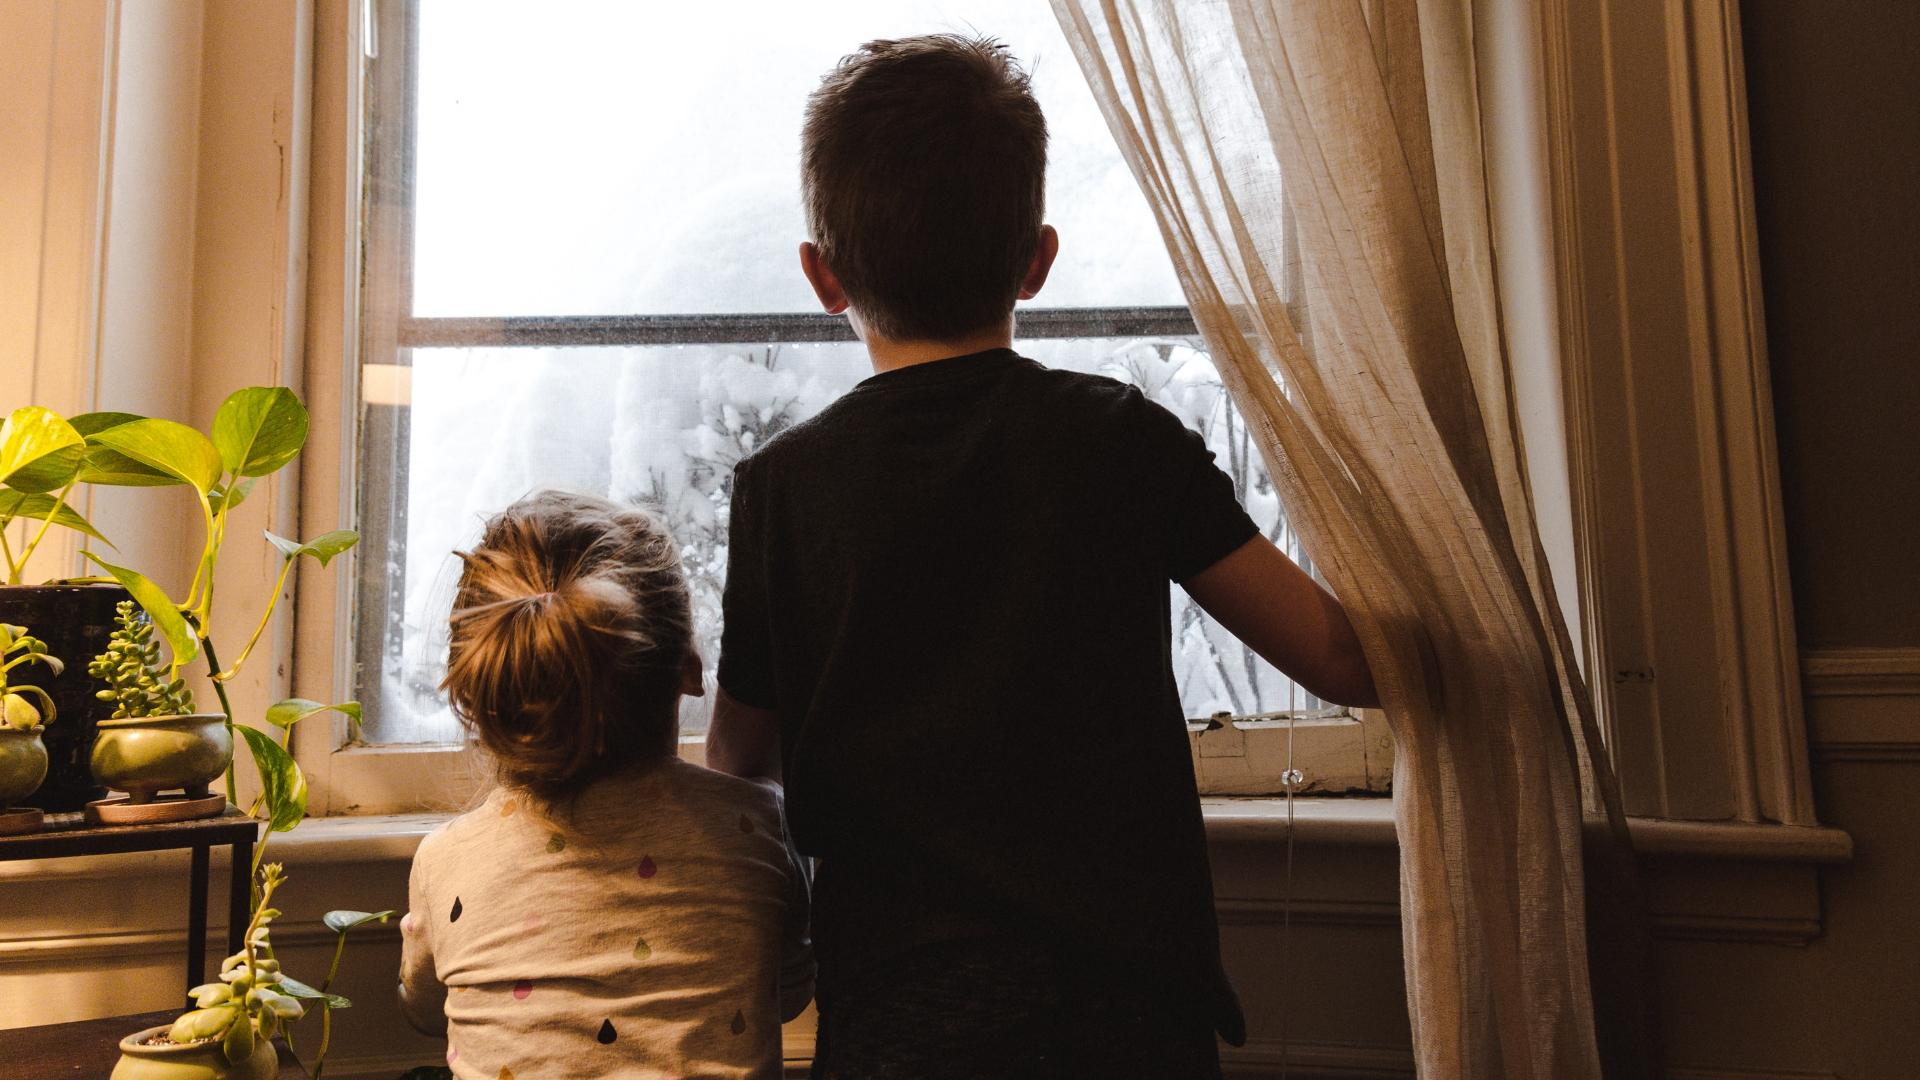 Niños encierro casa hogar confinamiento menores